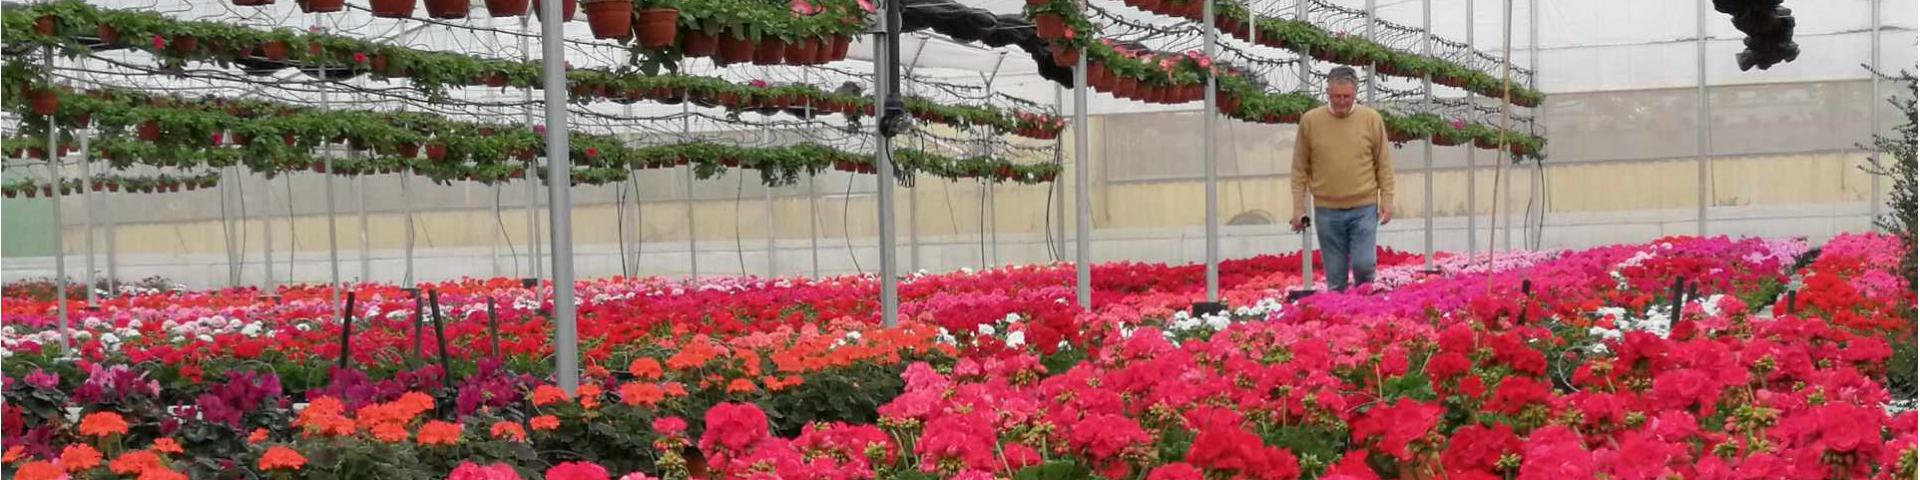 Plantas de exterior y jardín